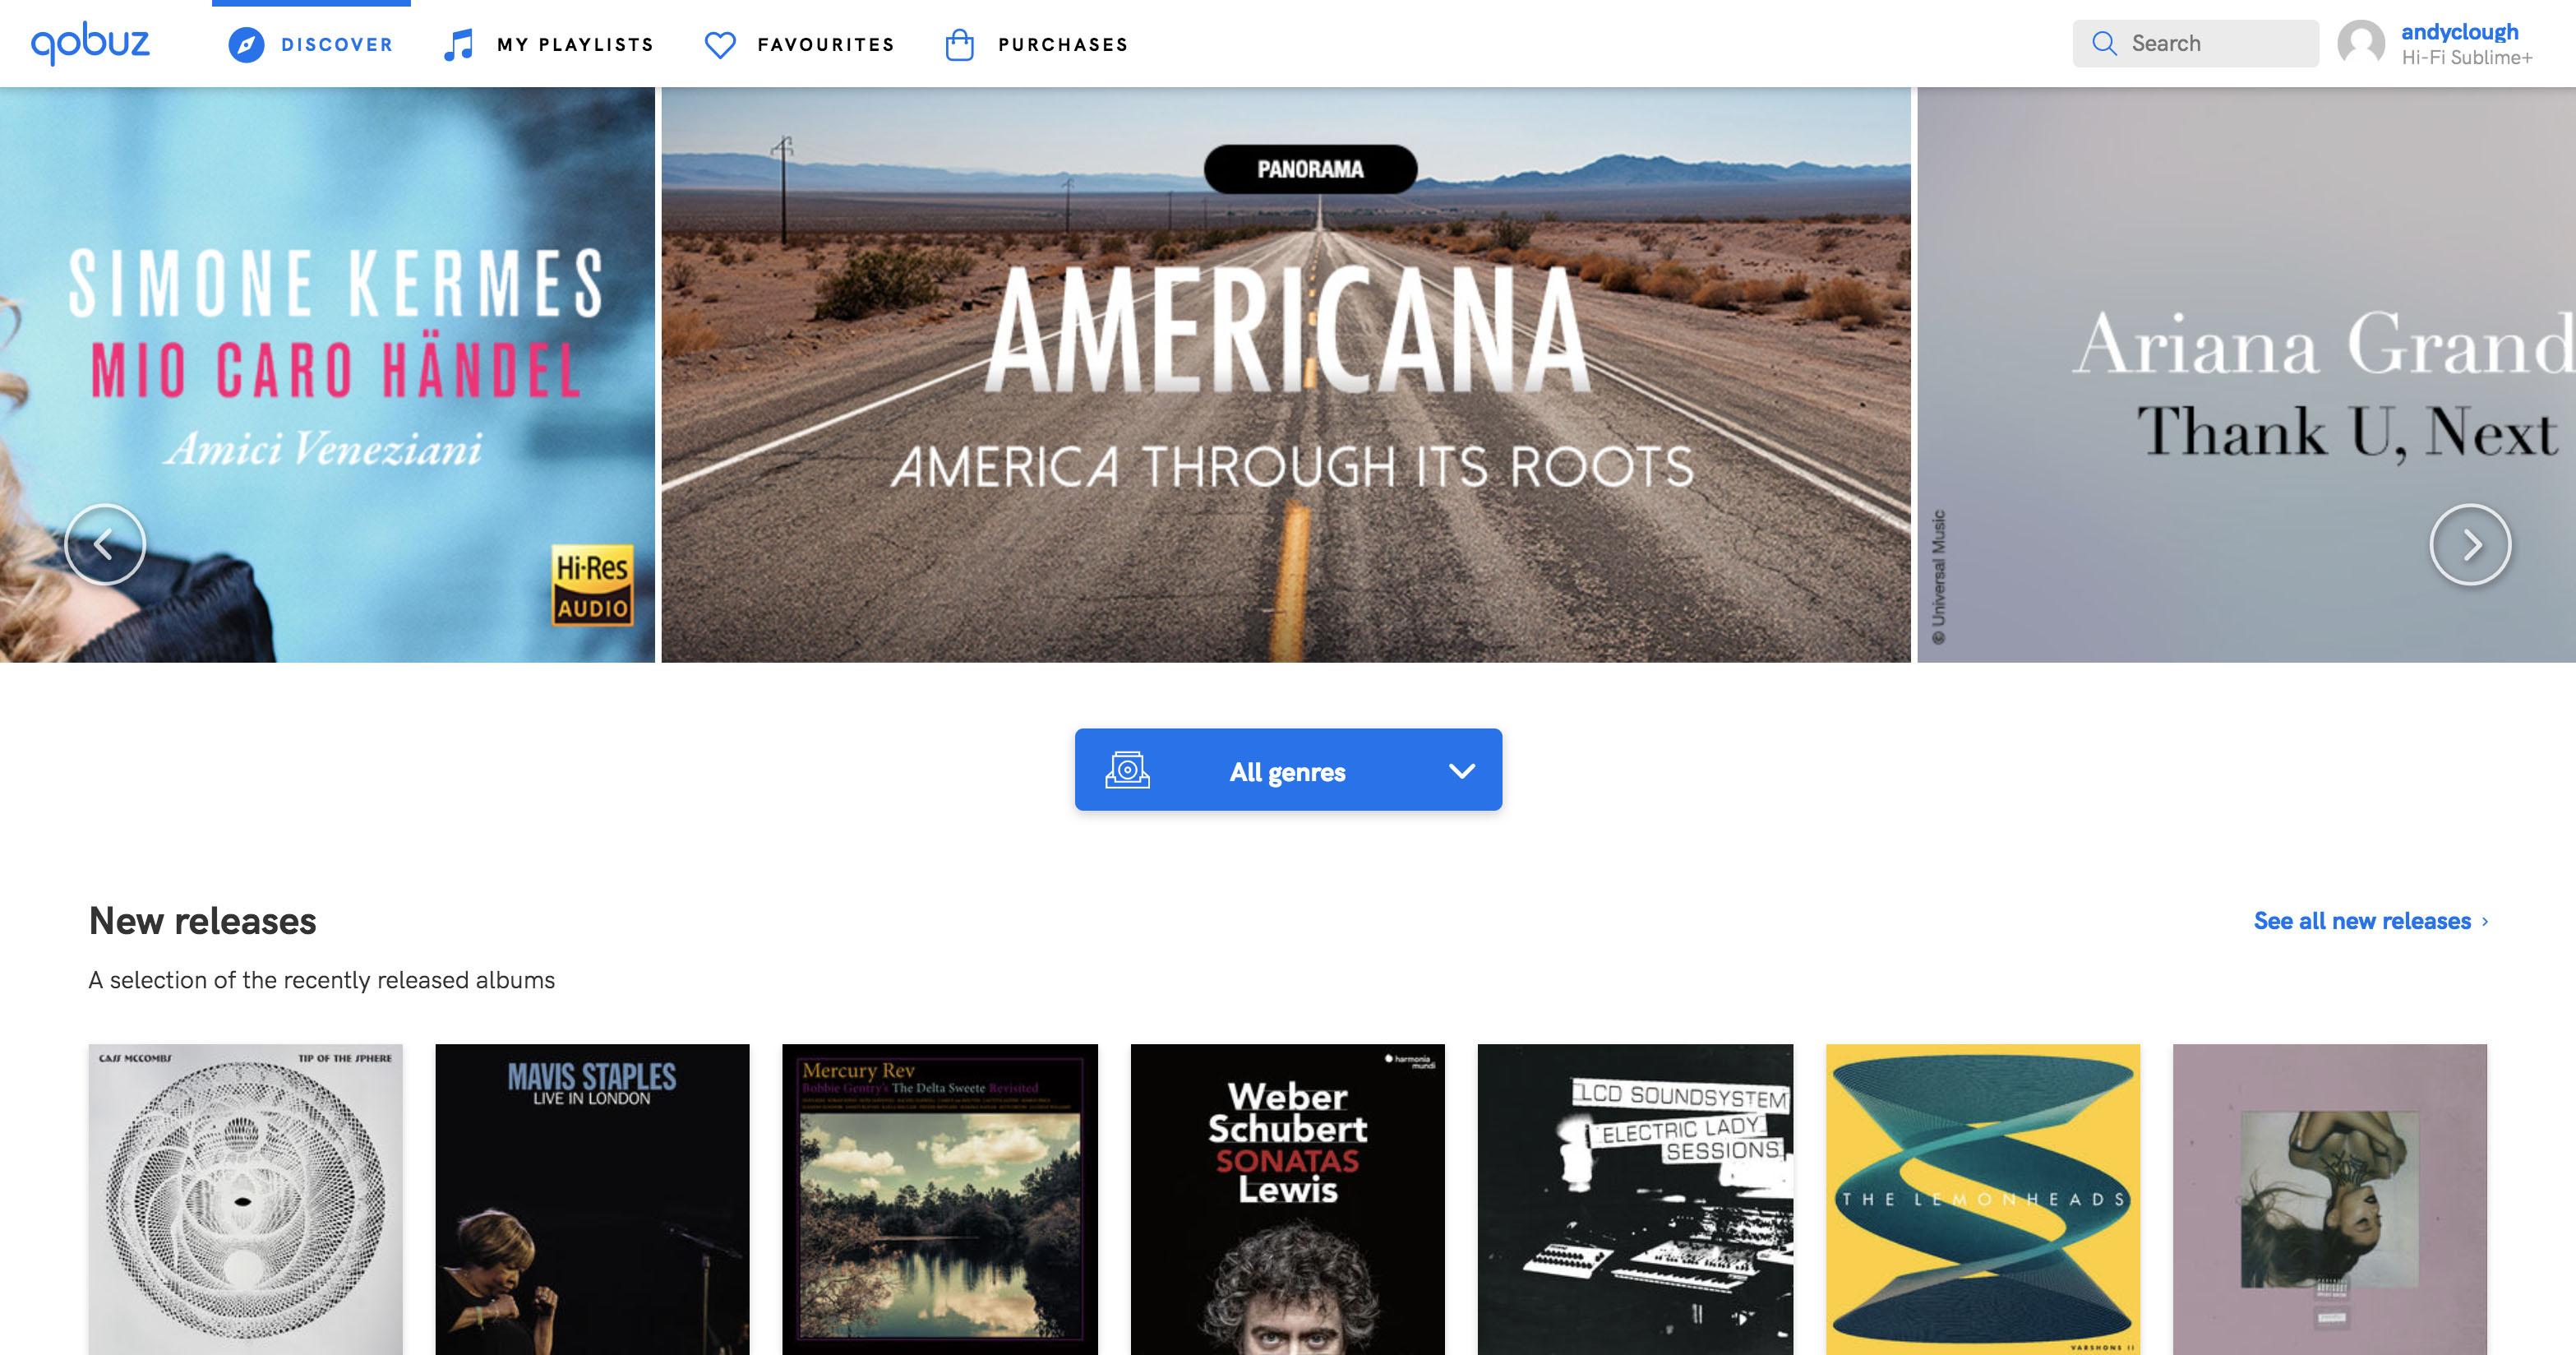 Qobuz hi-res music service makes its US debut | What Hi-Fi?